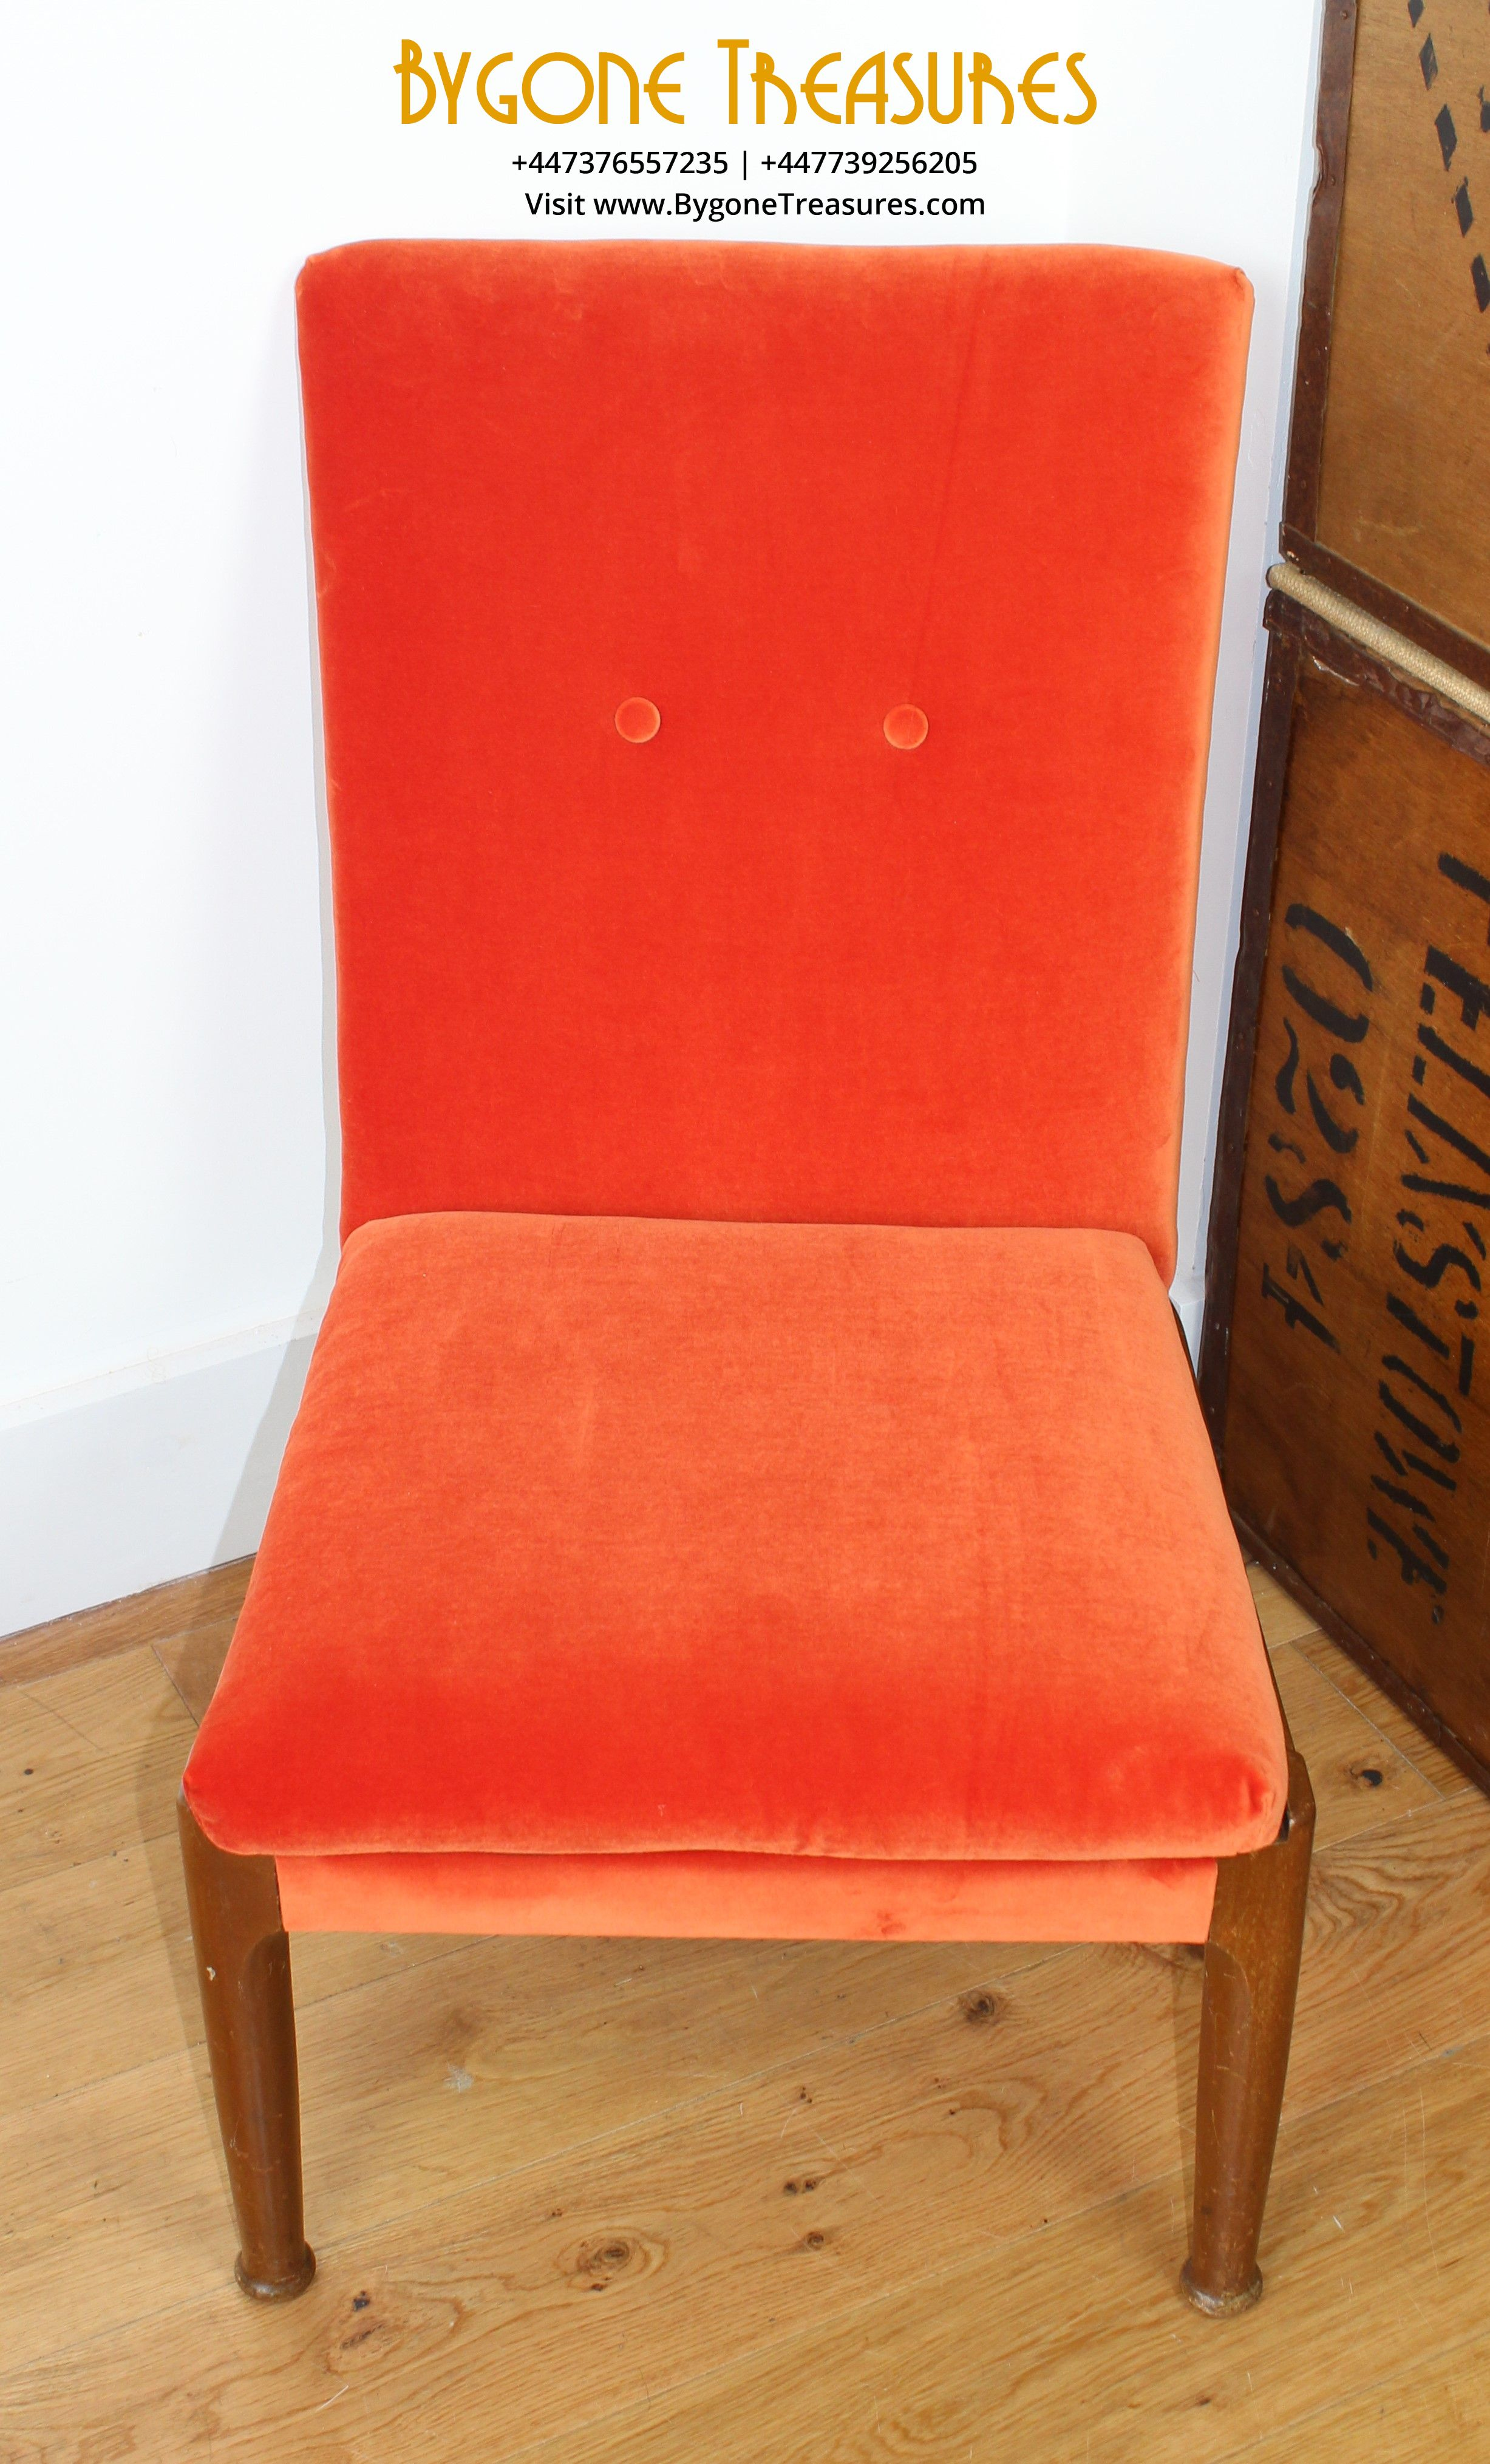 Reupholstered Burnt Orange Velvet Slipper Chair (1)